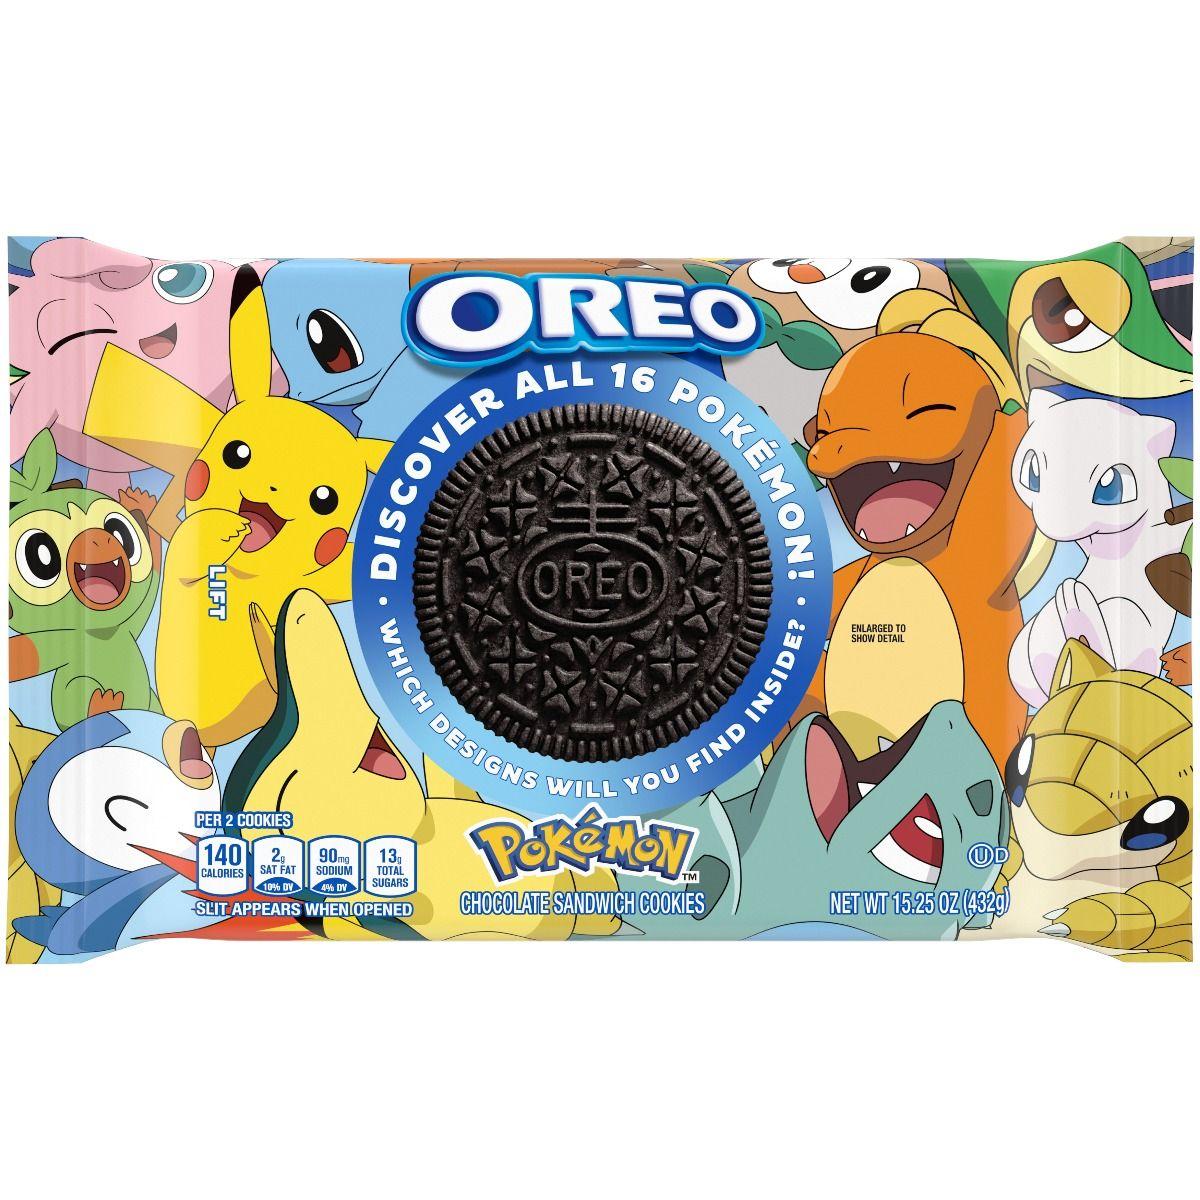 Una nueva colección para los fanáticos de Pokémon, esta vez en galletas Oreo.